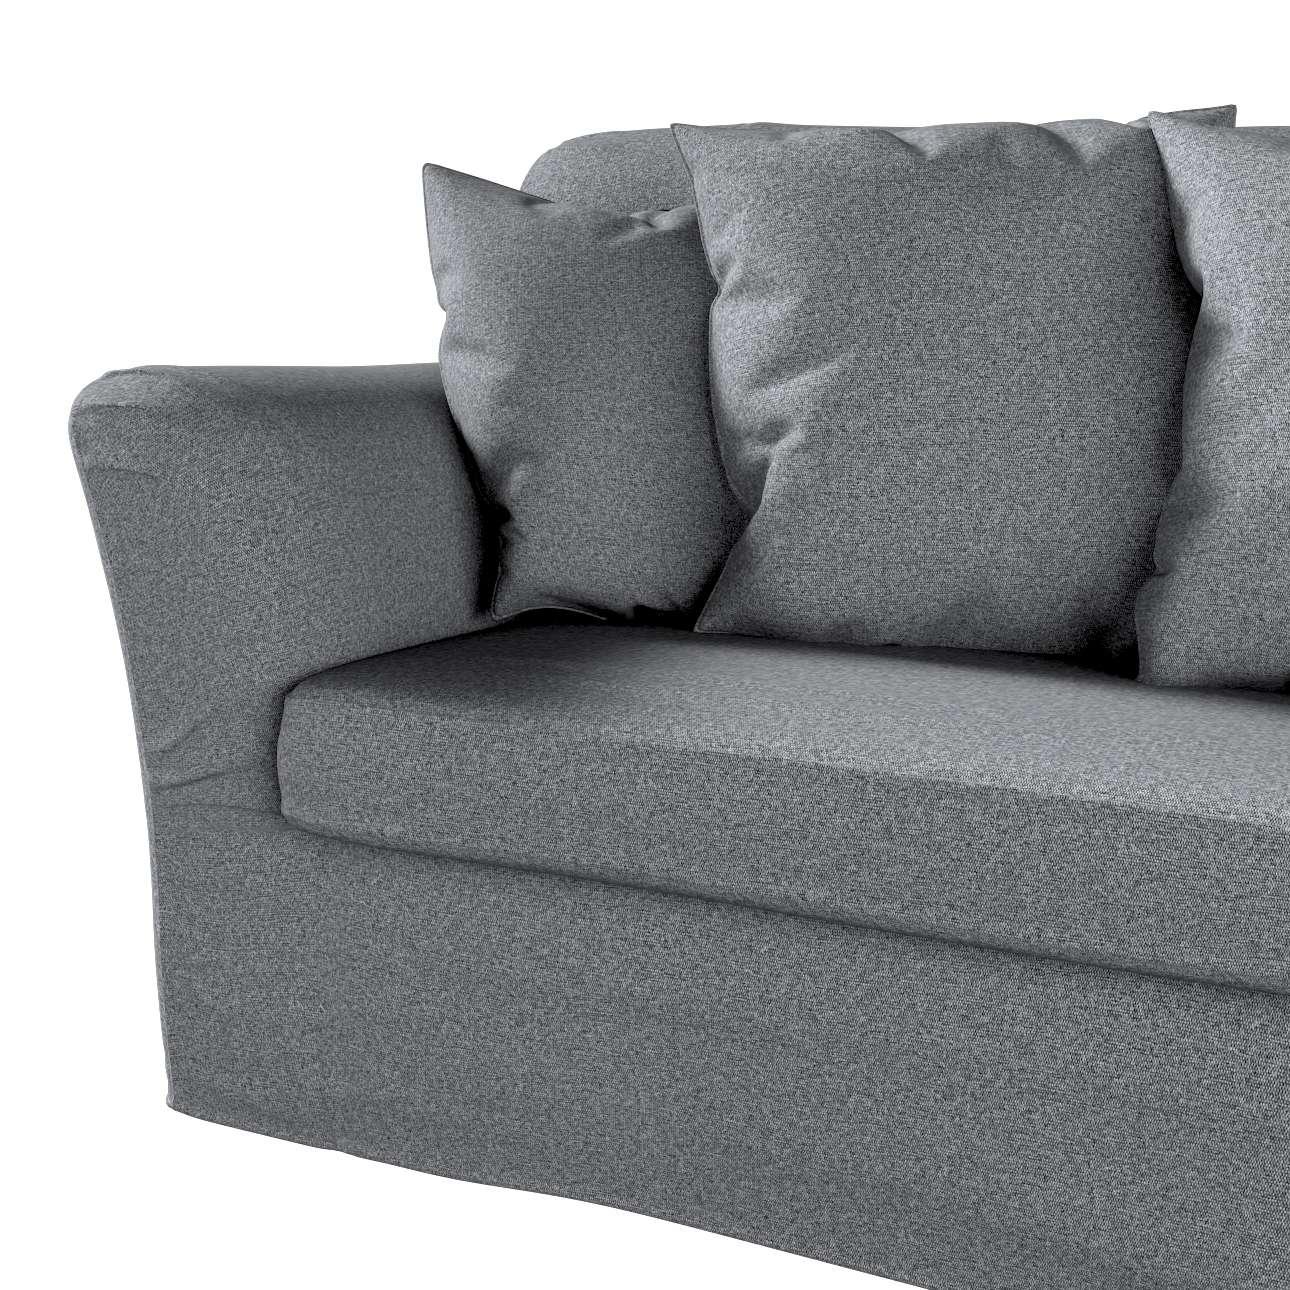 Pokrowiec na sofę Tomelilla 3-osobową rozkładaną w kolekcji Amsterdam, tkanina: 704-47